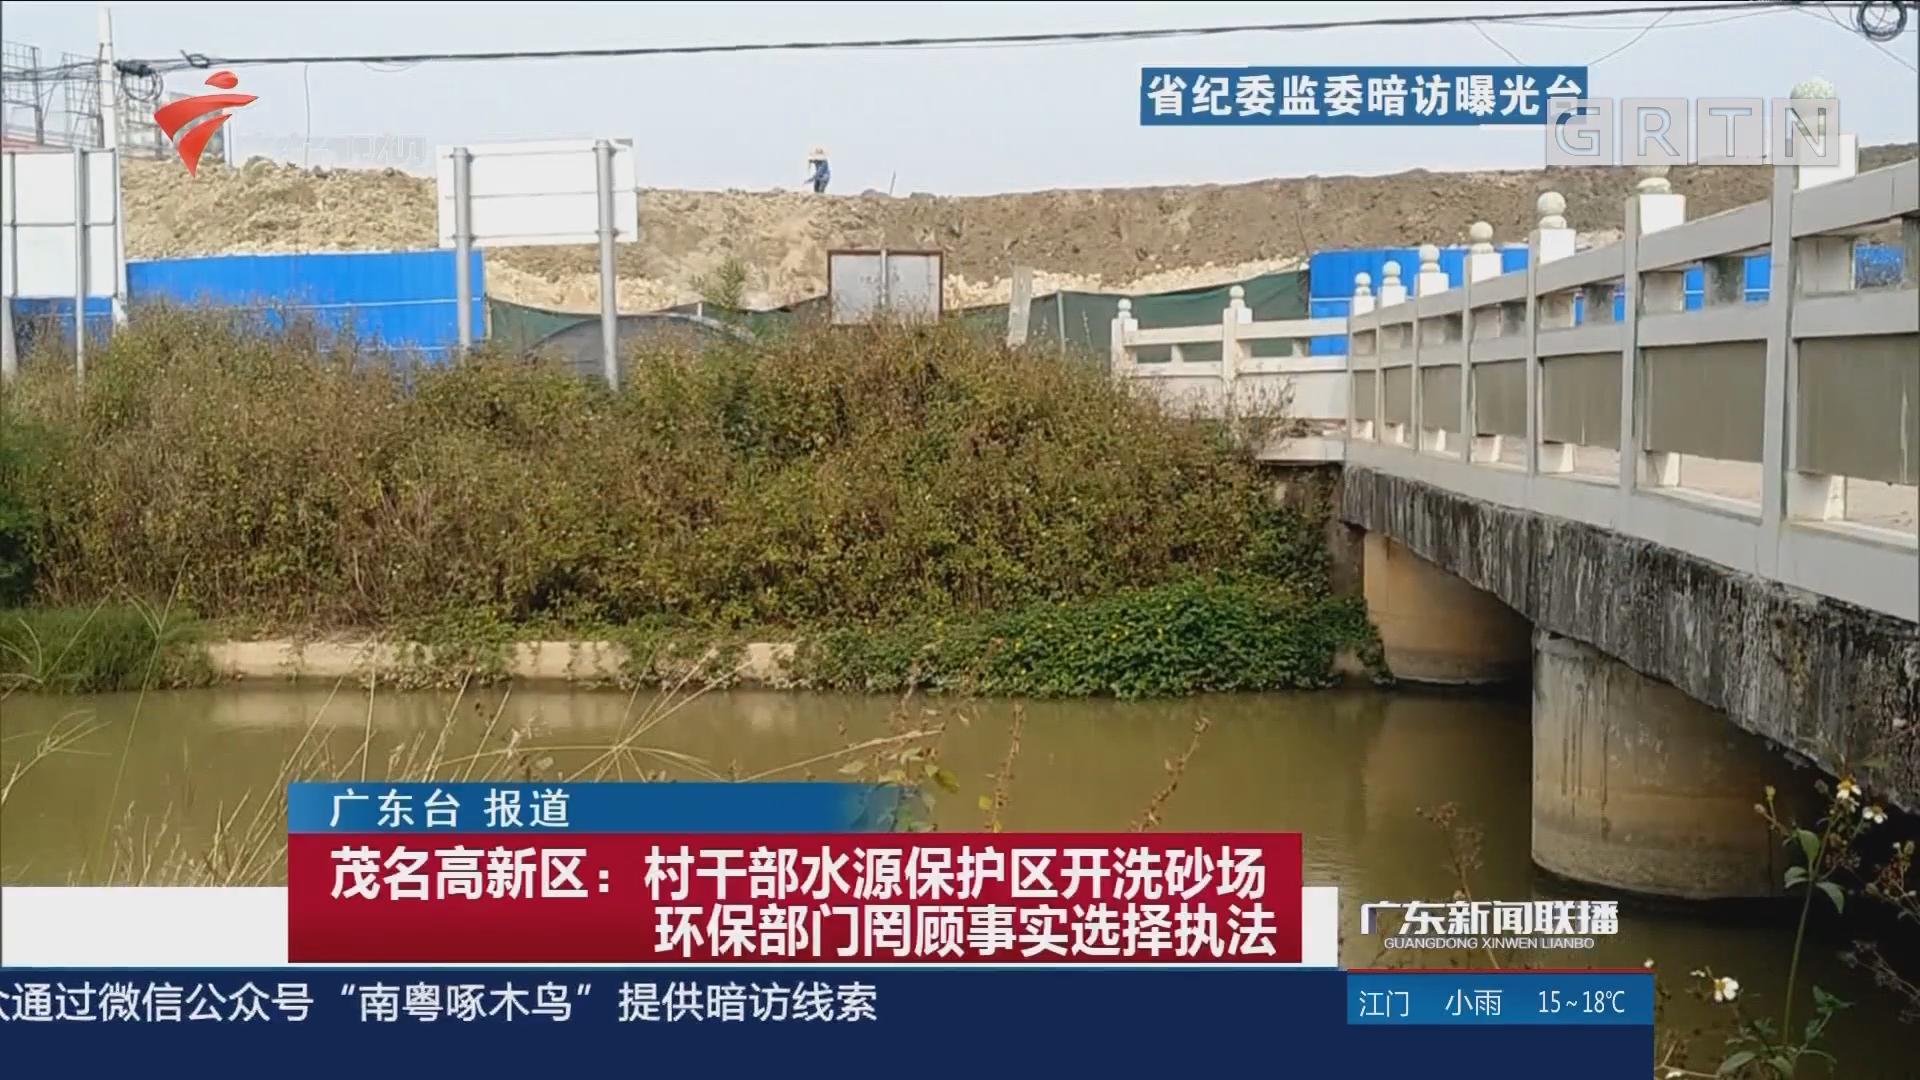 茂名高新区:村干部水源保护区开洗砂场 环保部门罔顾事实选择执法